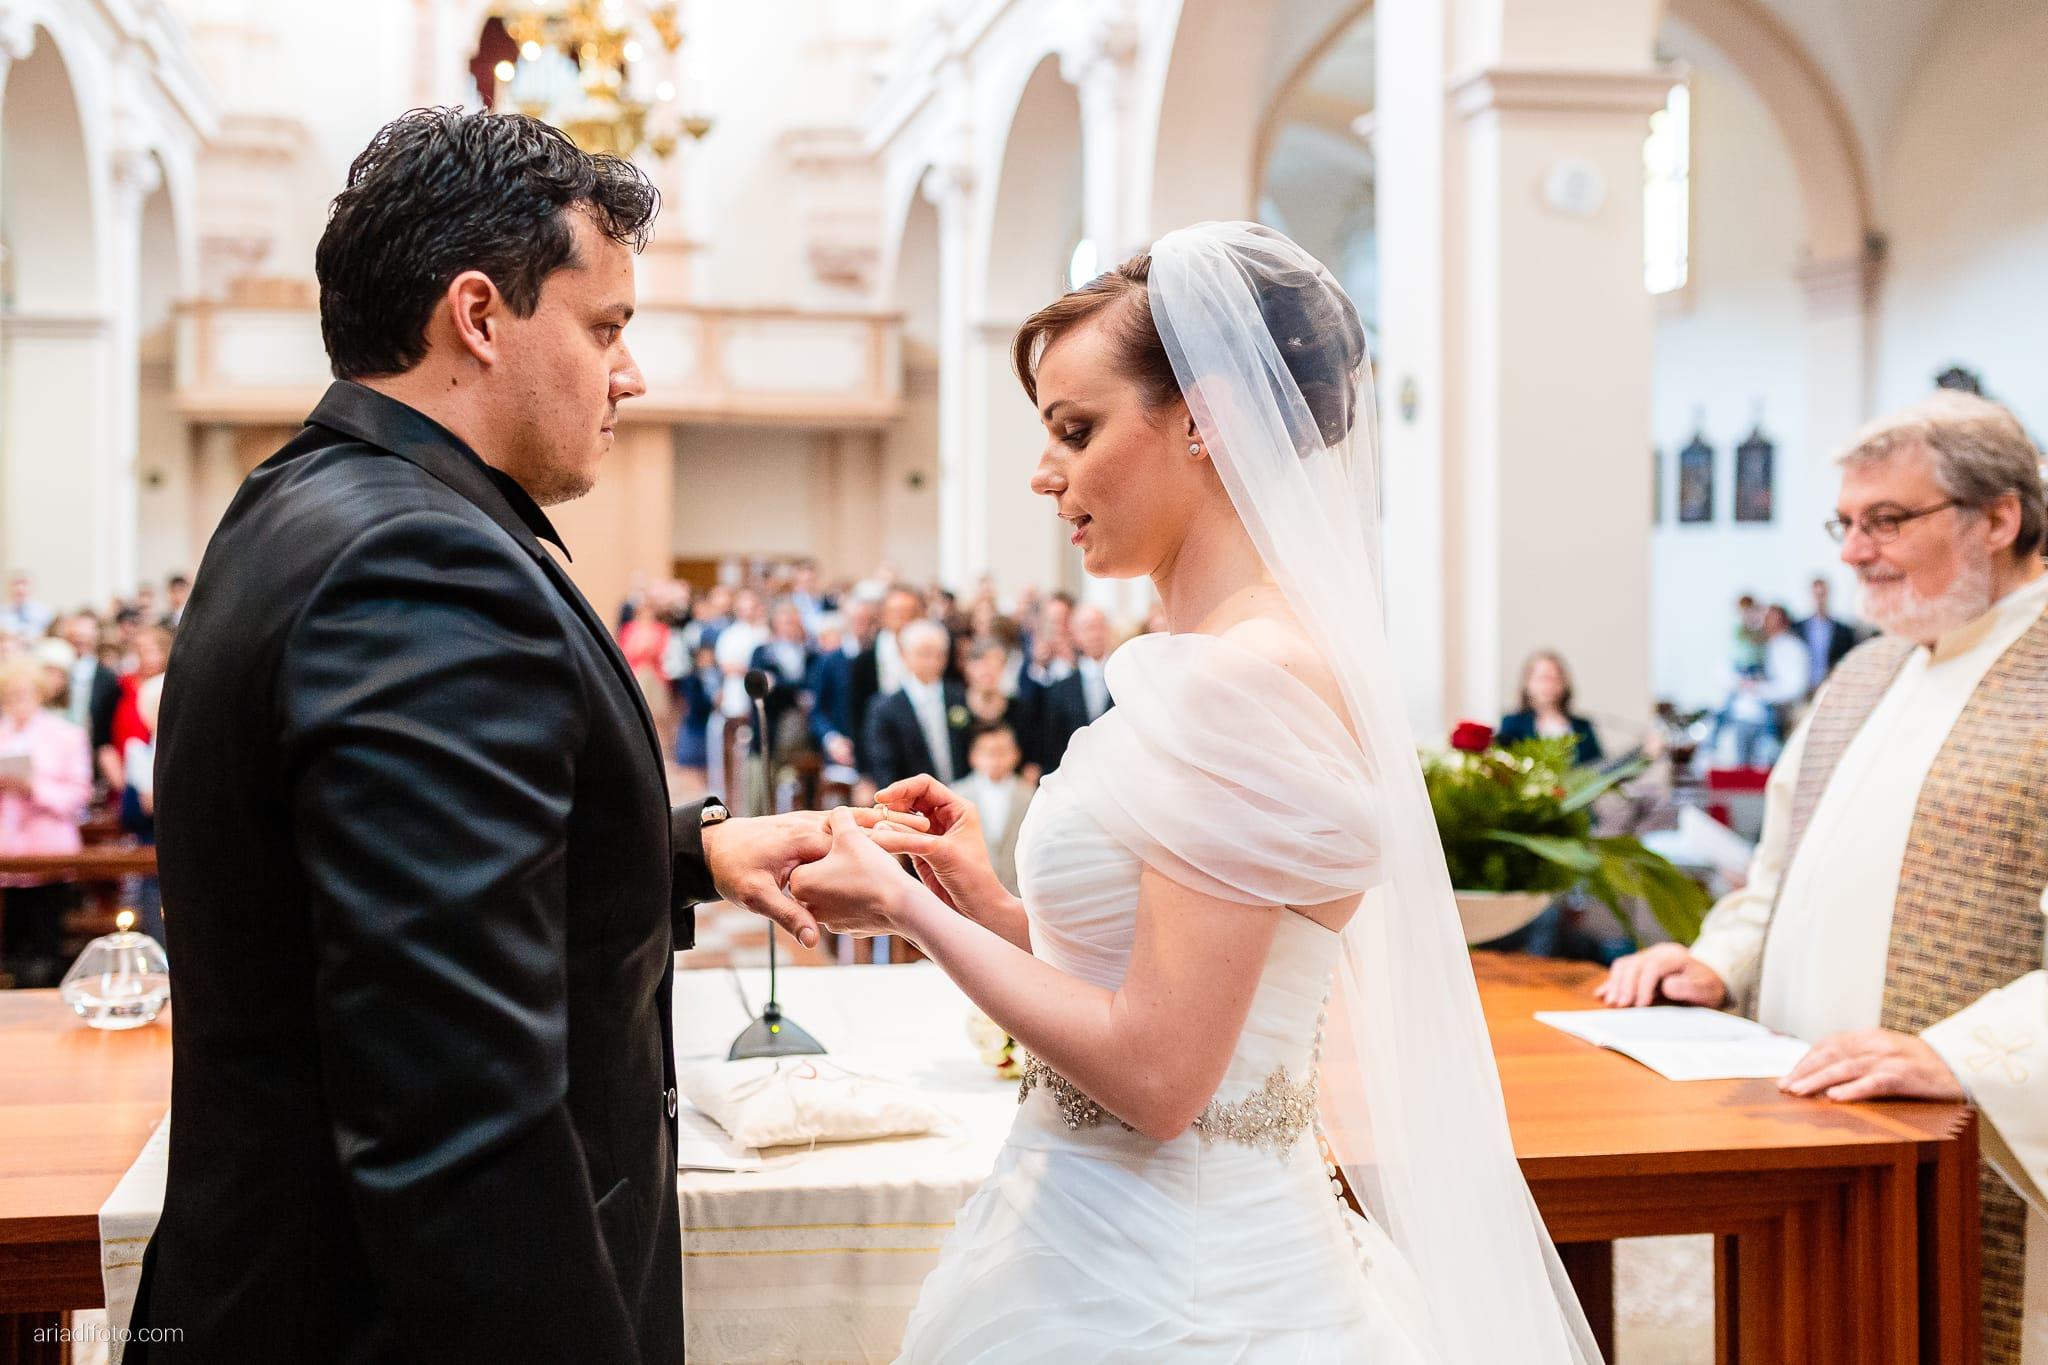 Sarah Matteo Matrimonio Moruzzo Chiesa Santa Maria Gruagno Agriturismo Il Vagabondo Buttrio Udine cerimonia scambio degli anelli